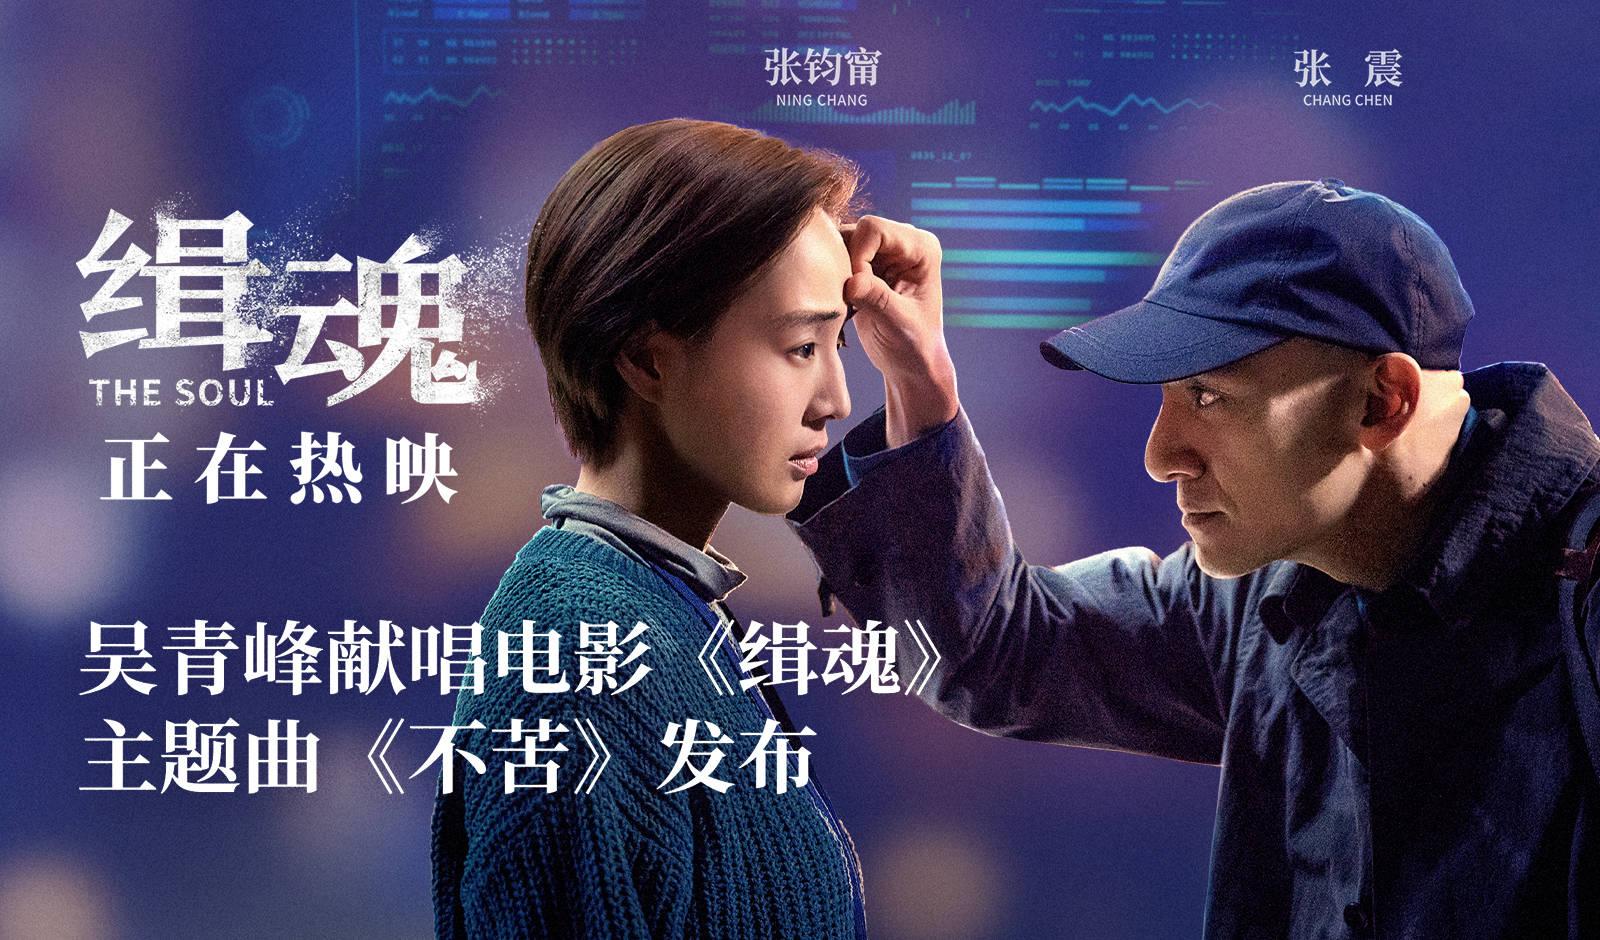 吴青峰深情演唱《缉魂》主题曲 爱与执念的人性羁绊引人落泪